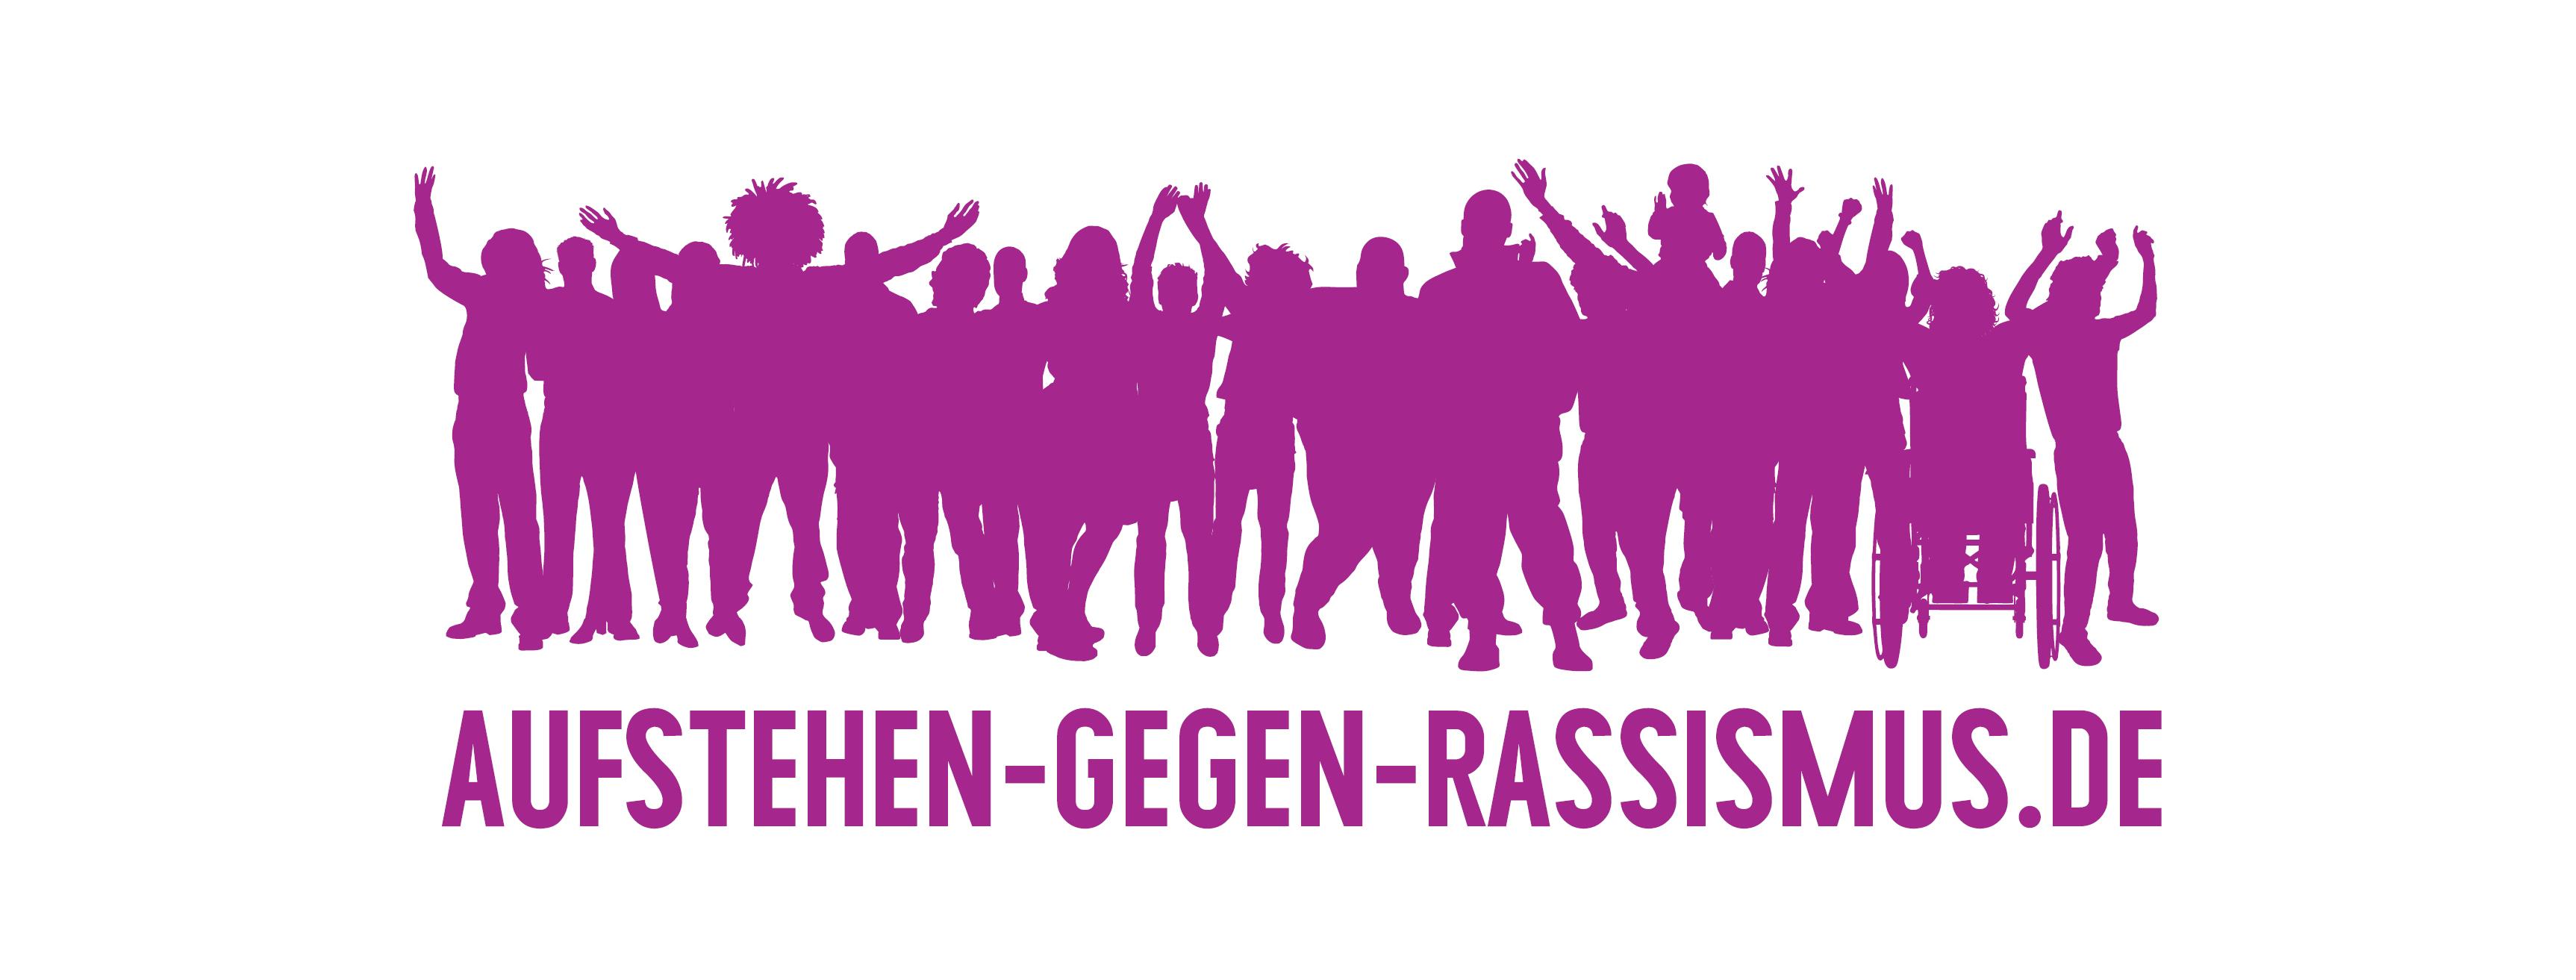 Aufstehen gegen Rassismus!